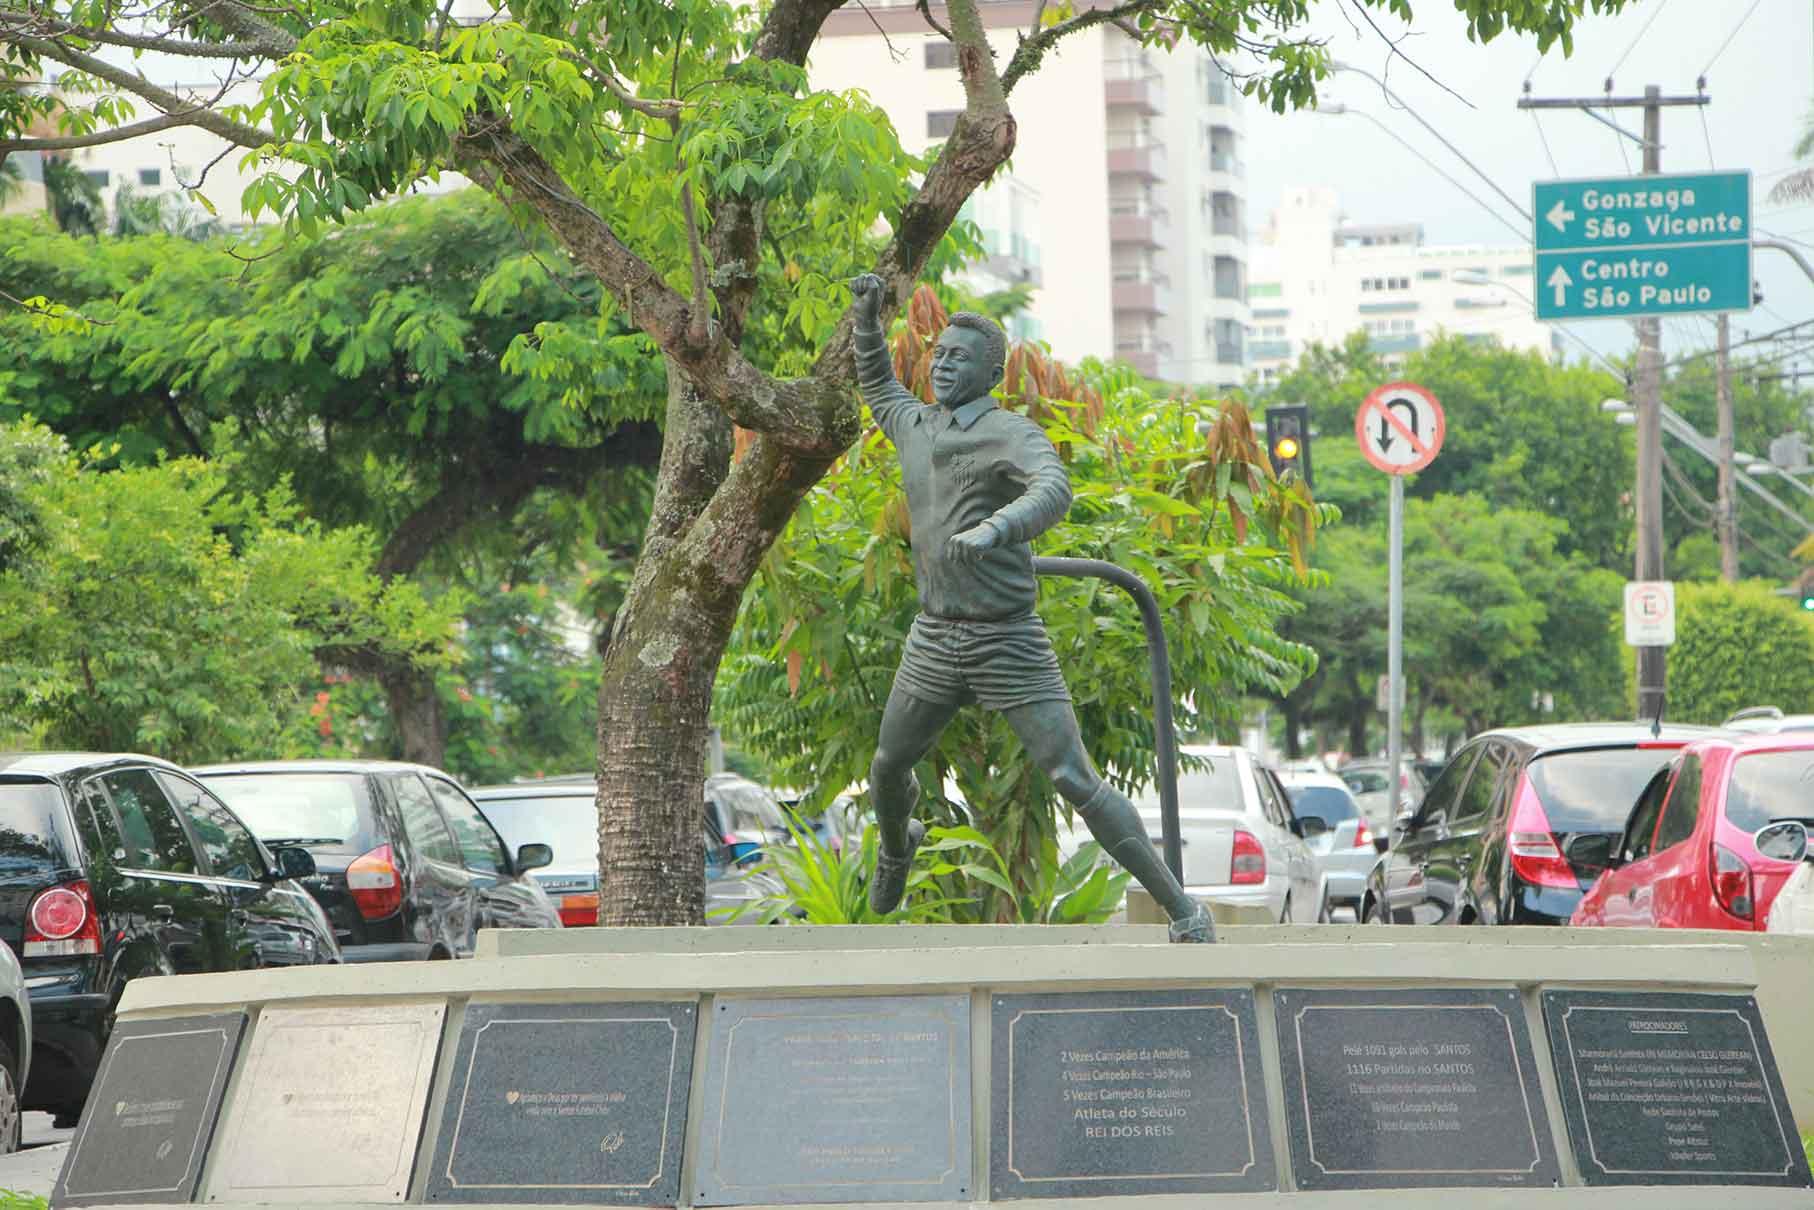 O soco no ar de Pelé, sua marca registrada de comemoração de gol. Esquina da Av. Epitácio Pessoa com a Av. Almirante Cóchrane